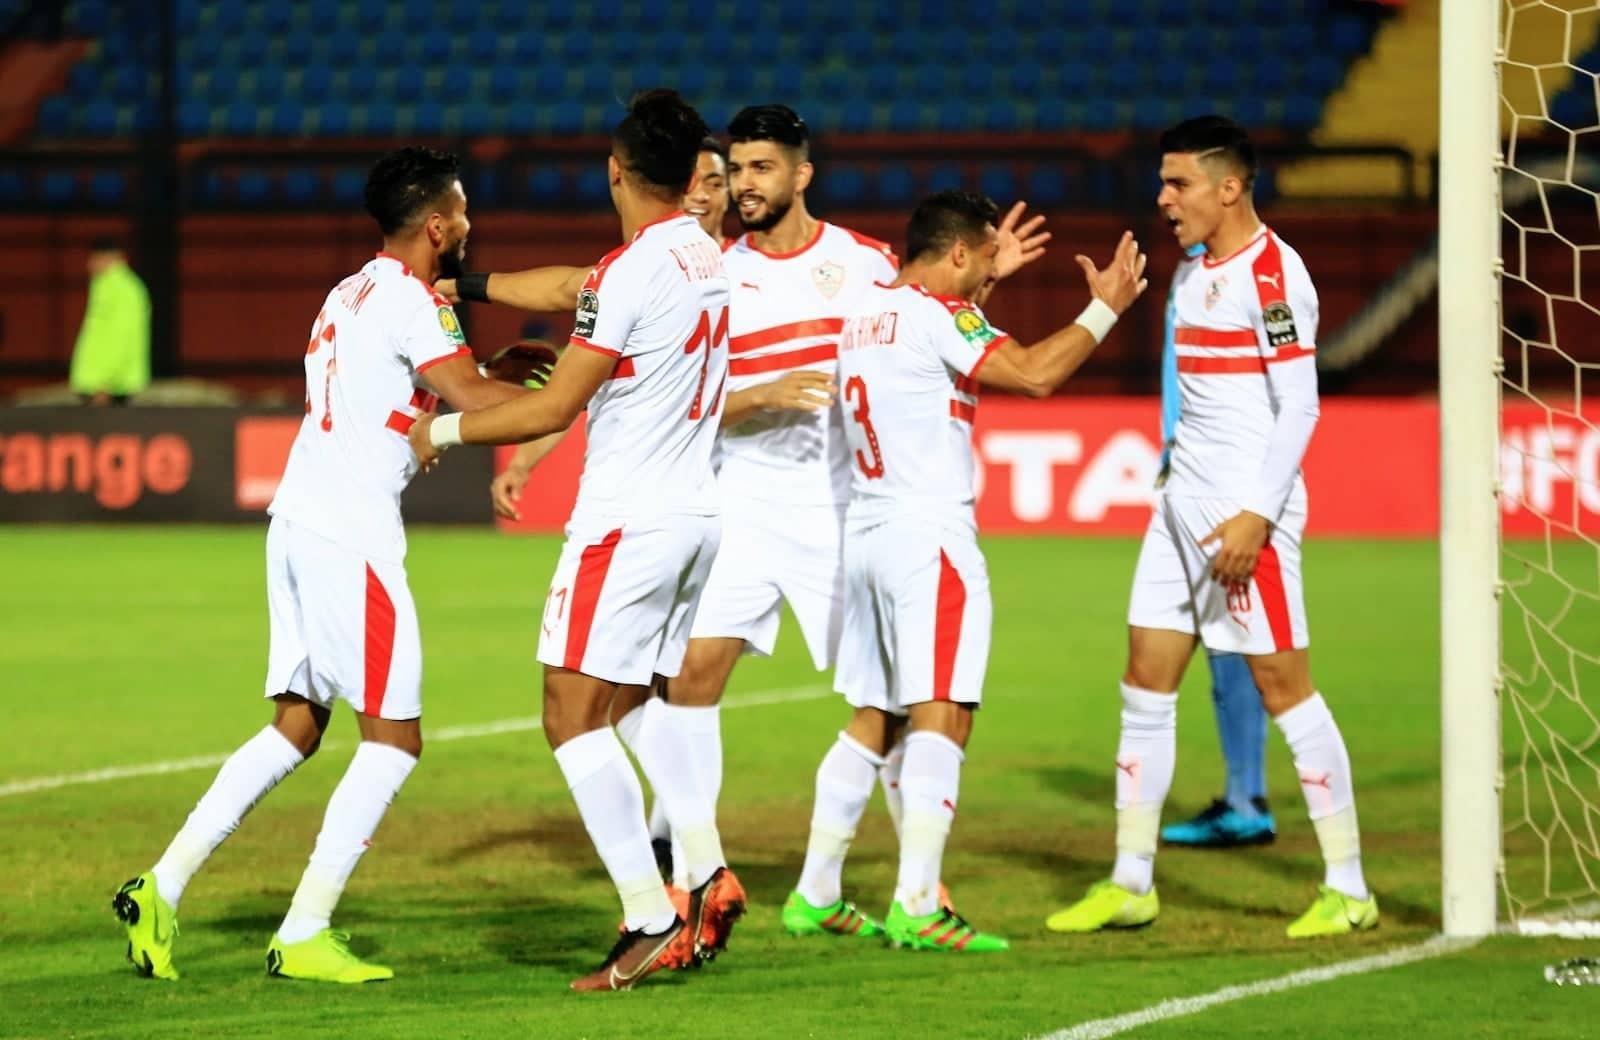 الزمالك يواجه الطلائع اليوم في نصف نهائي كأس مصر